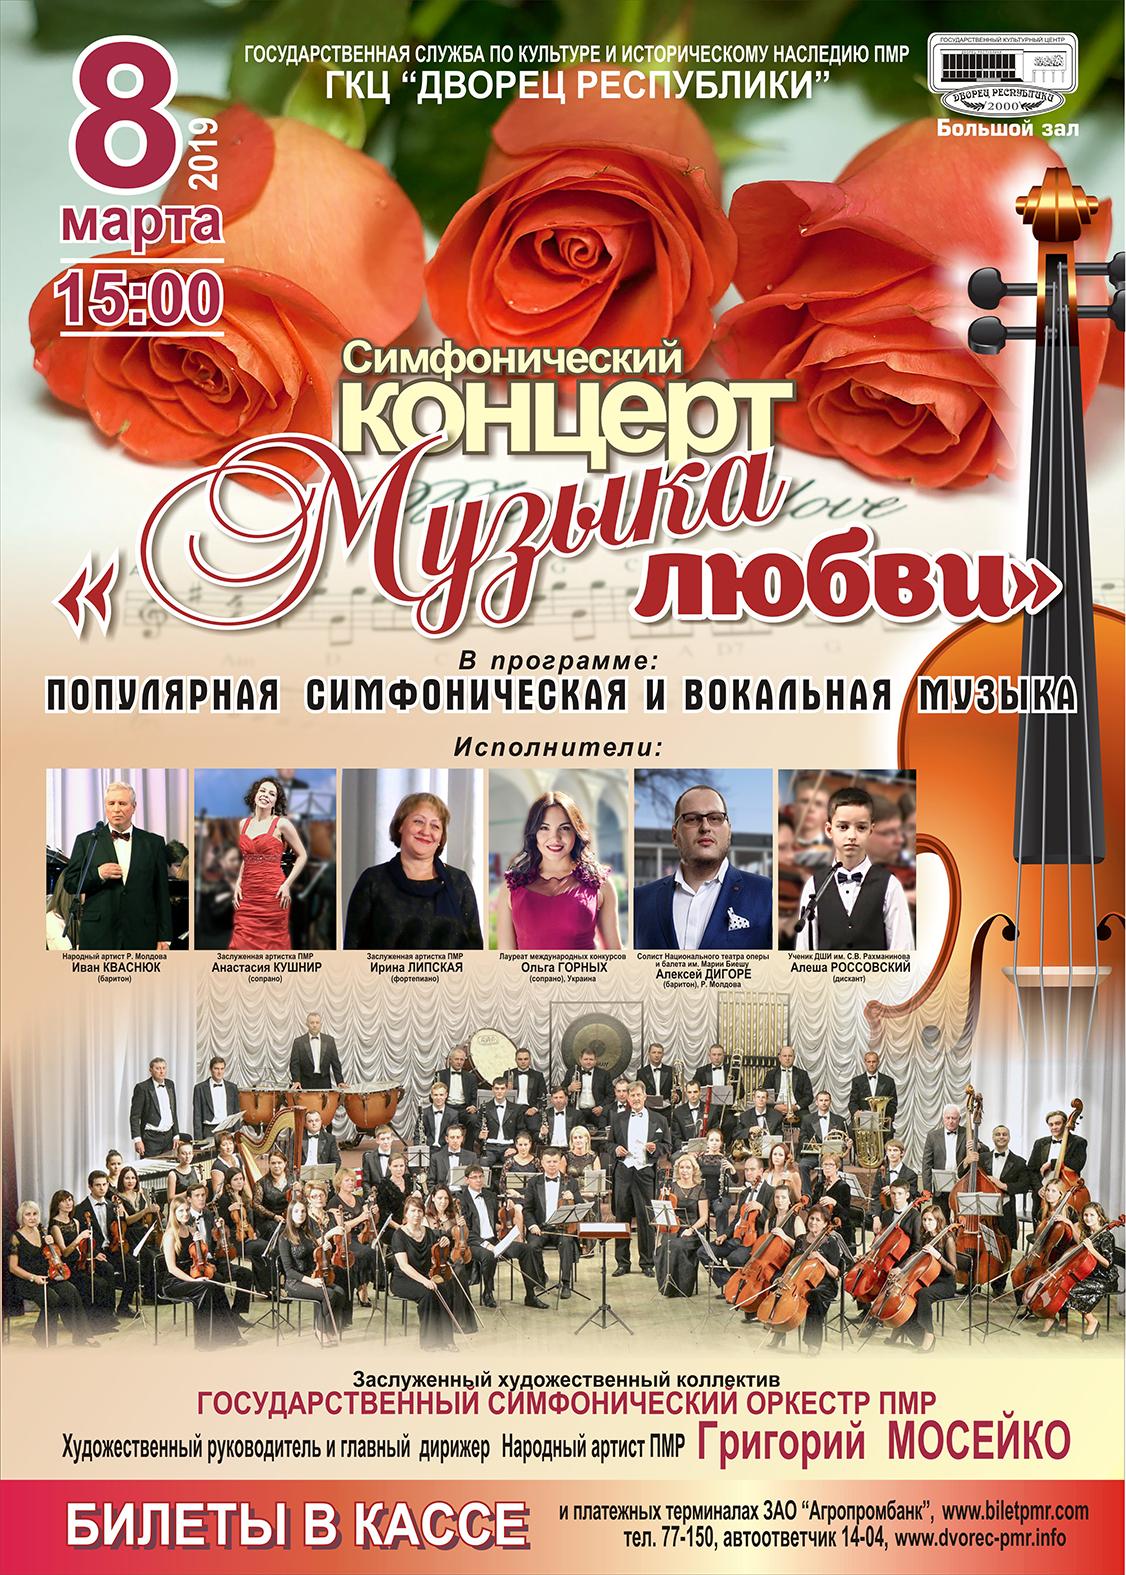 Симфонический концерт «Музыка любви»